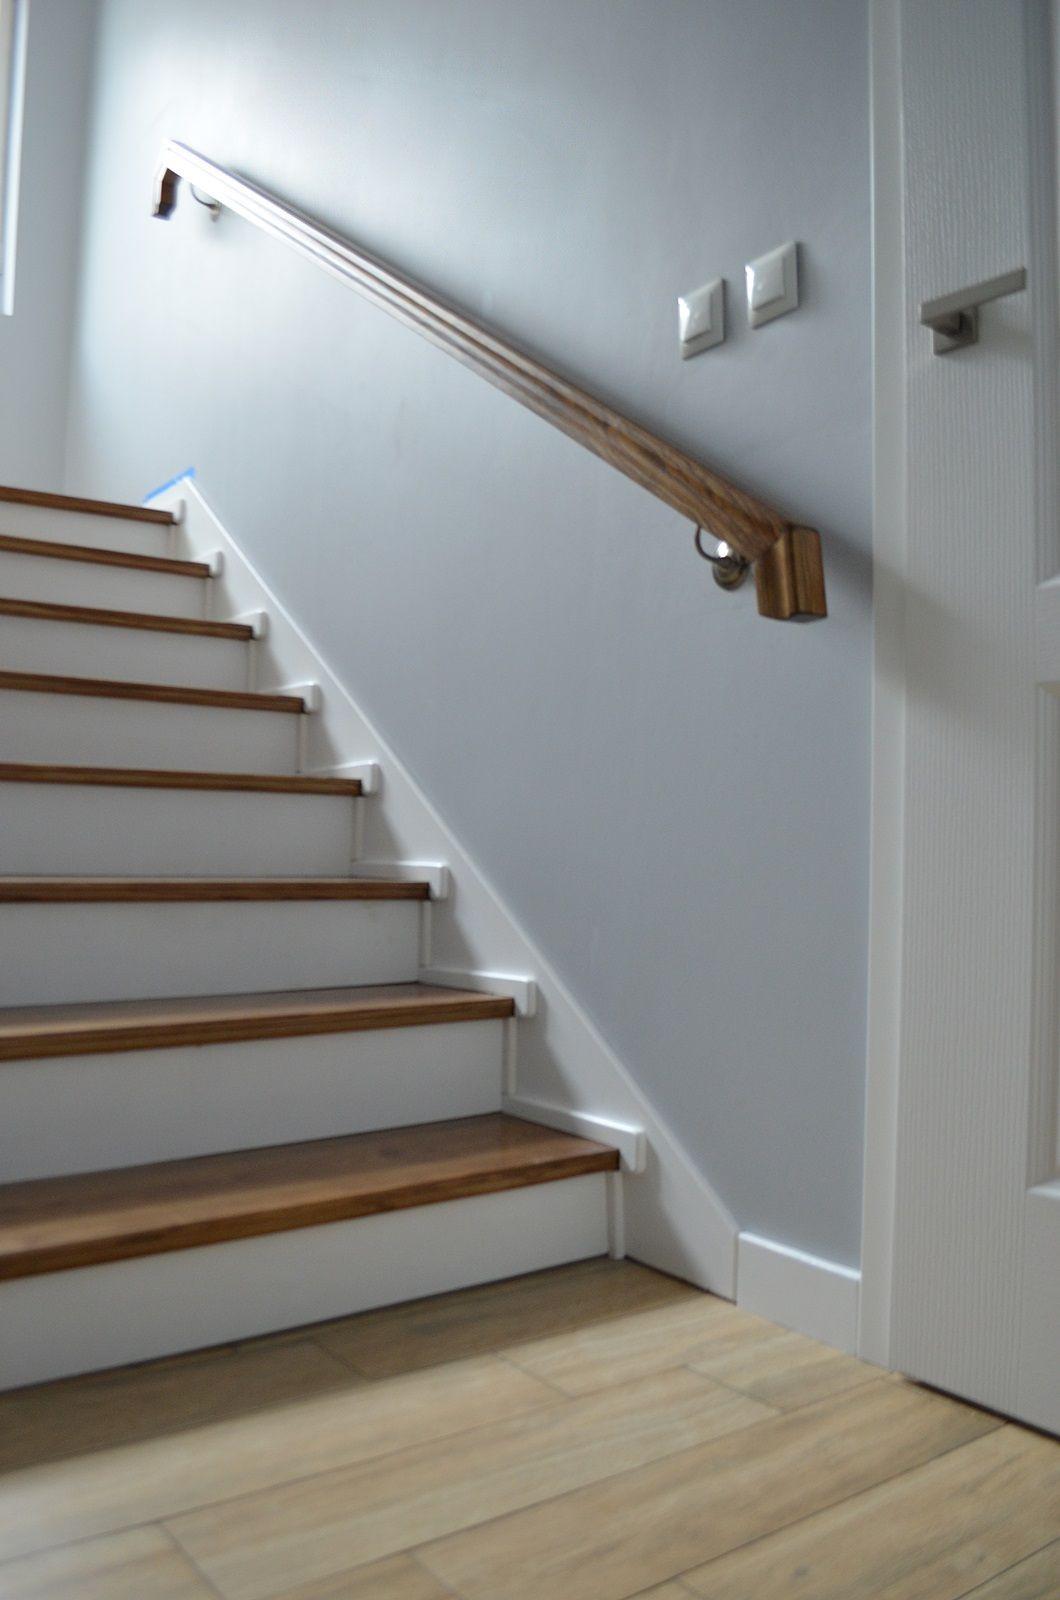 diy hardwood floor installation of diy jak odnowia‡ stare drewniane schody od inspiracji do inside diy jak odnowia‡ stare drewniane schody od inspiracji do realizacji